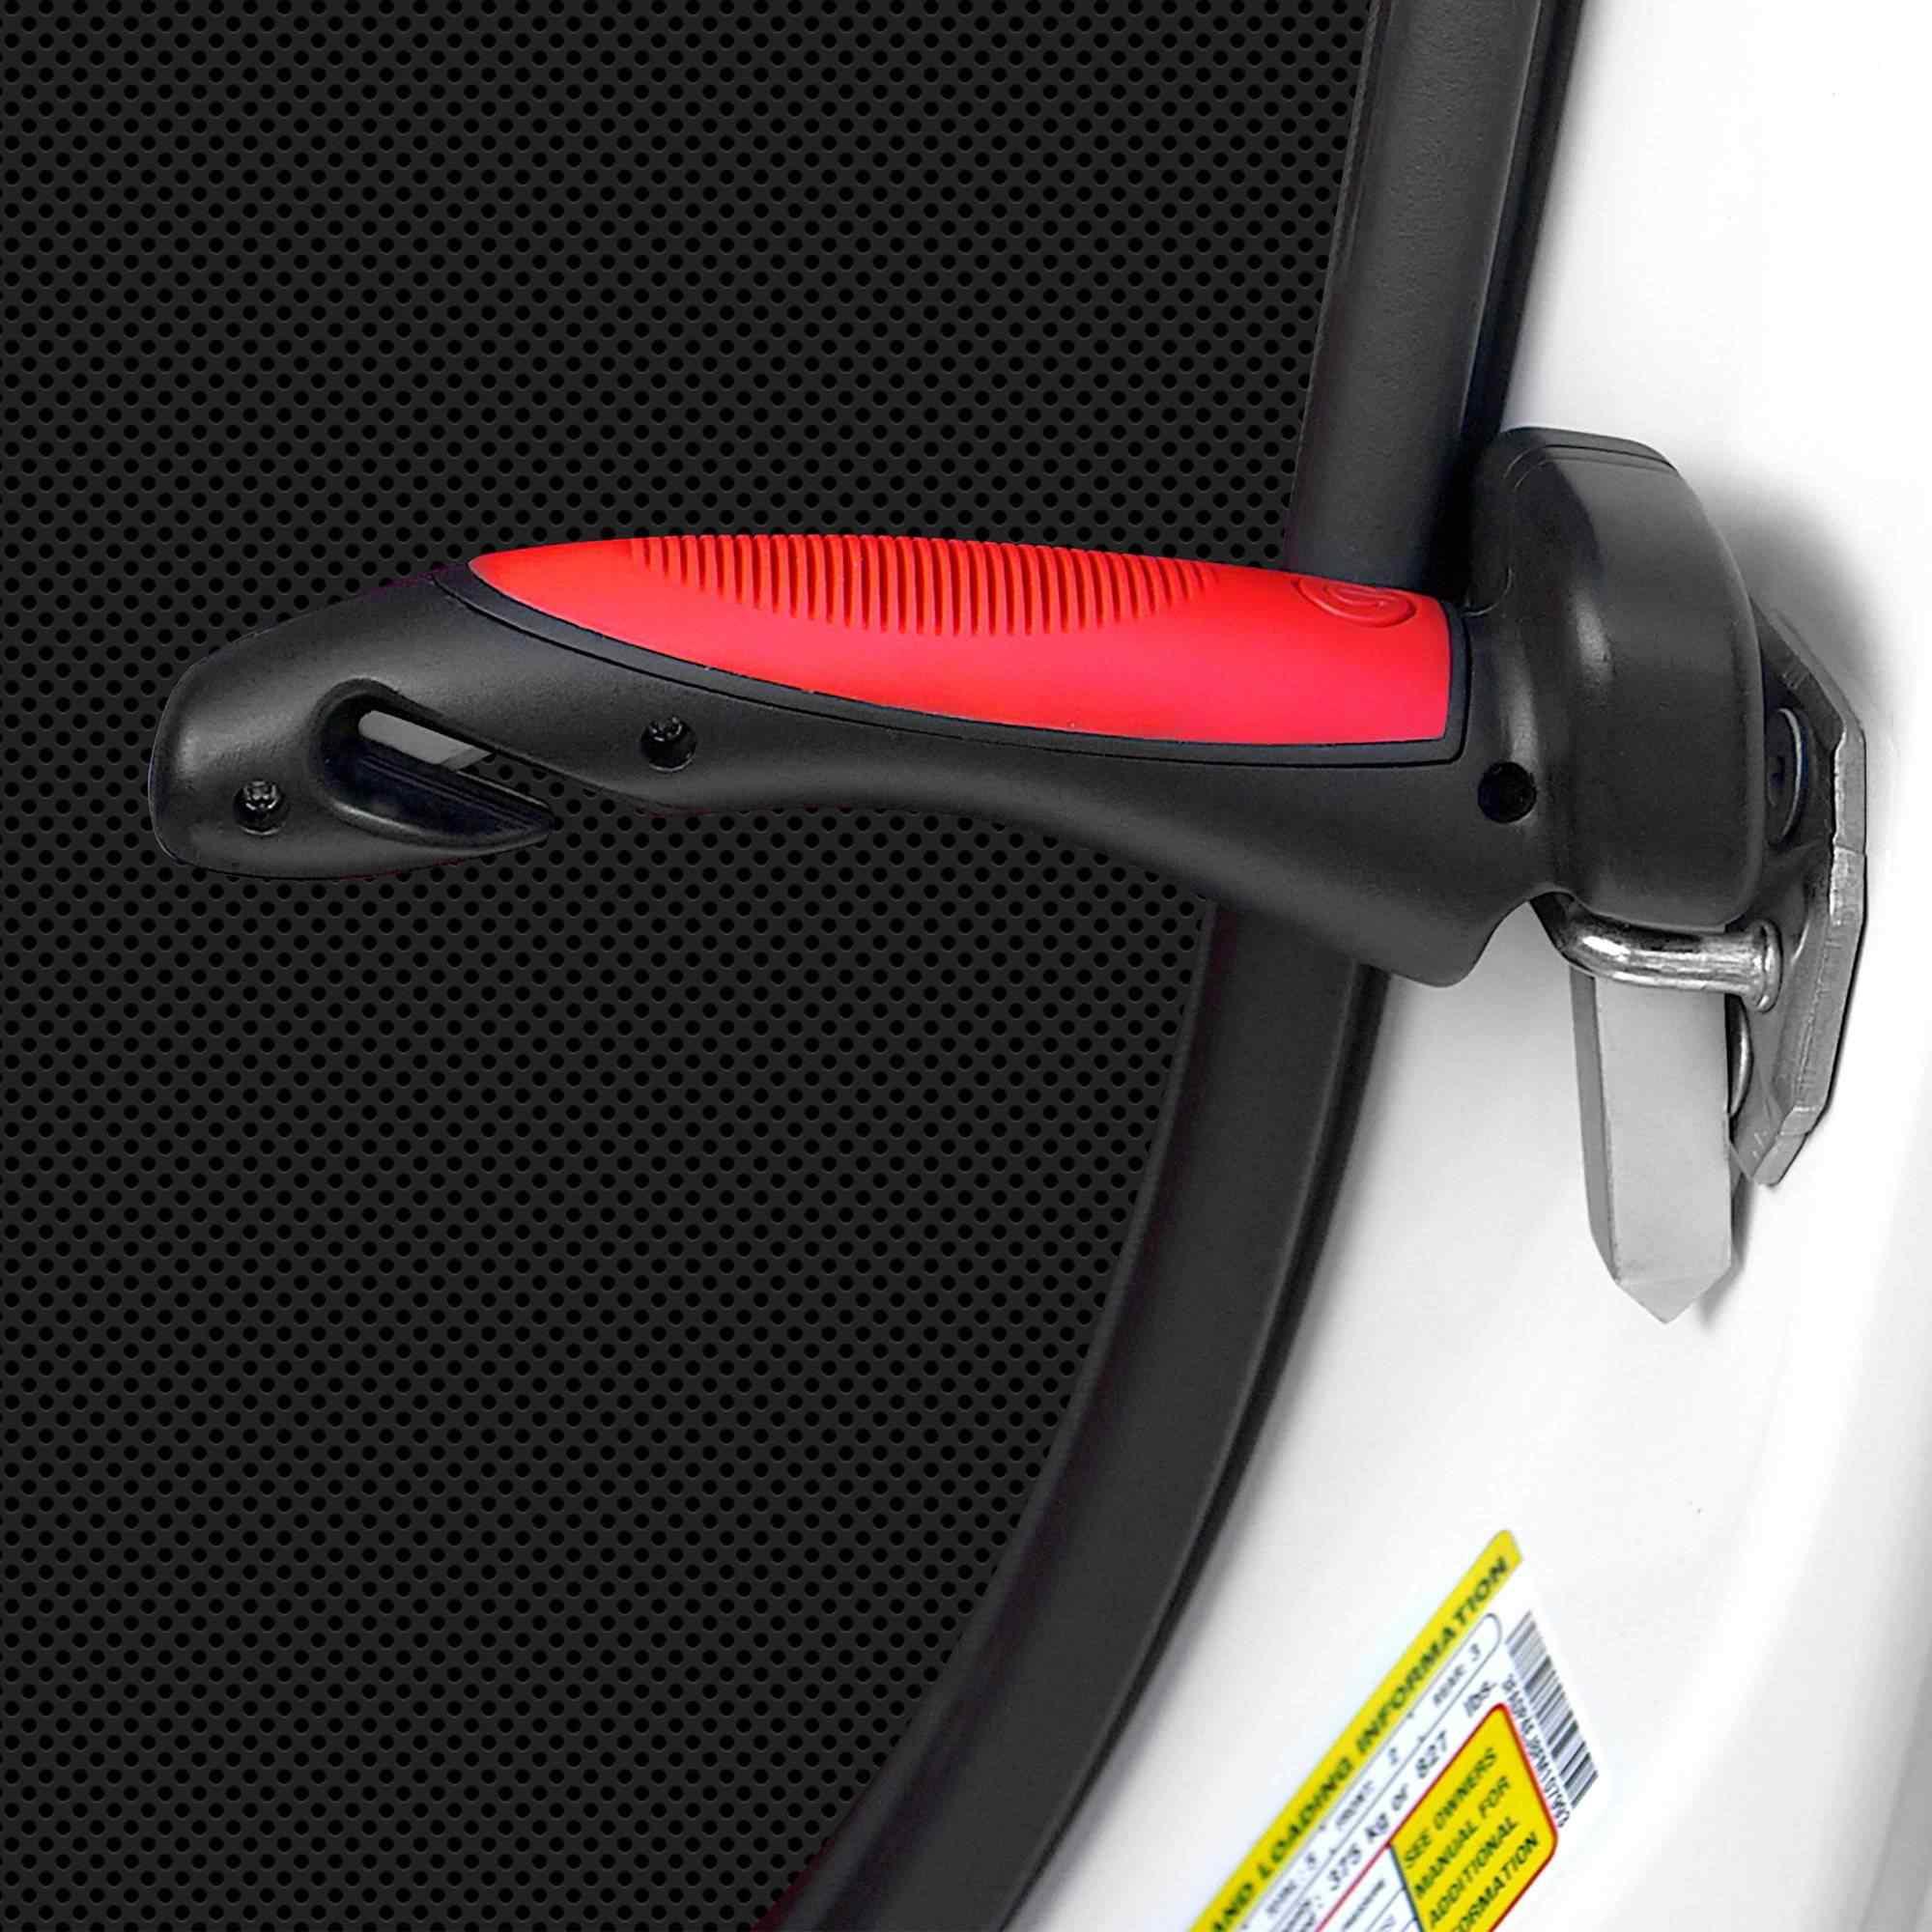 Все в 1 ручка двери автомобиля тростника портативная ручка Встроенный светодиодный фонарик инструмент для разрезания ремня безопасности стеклянный выключатель Поддержка до 350lbs